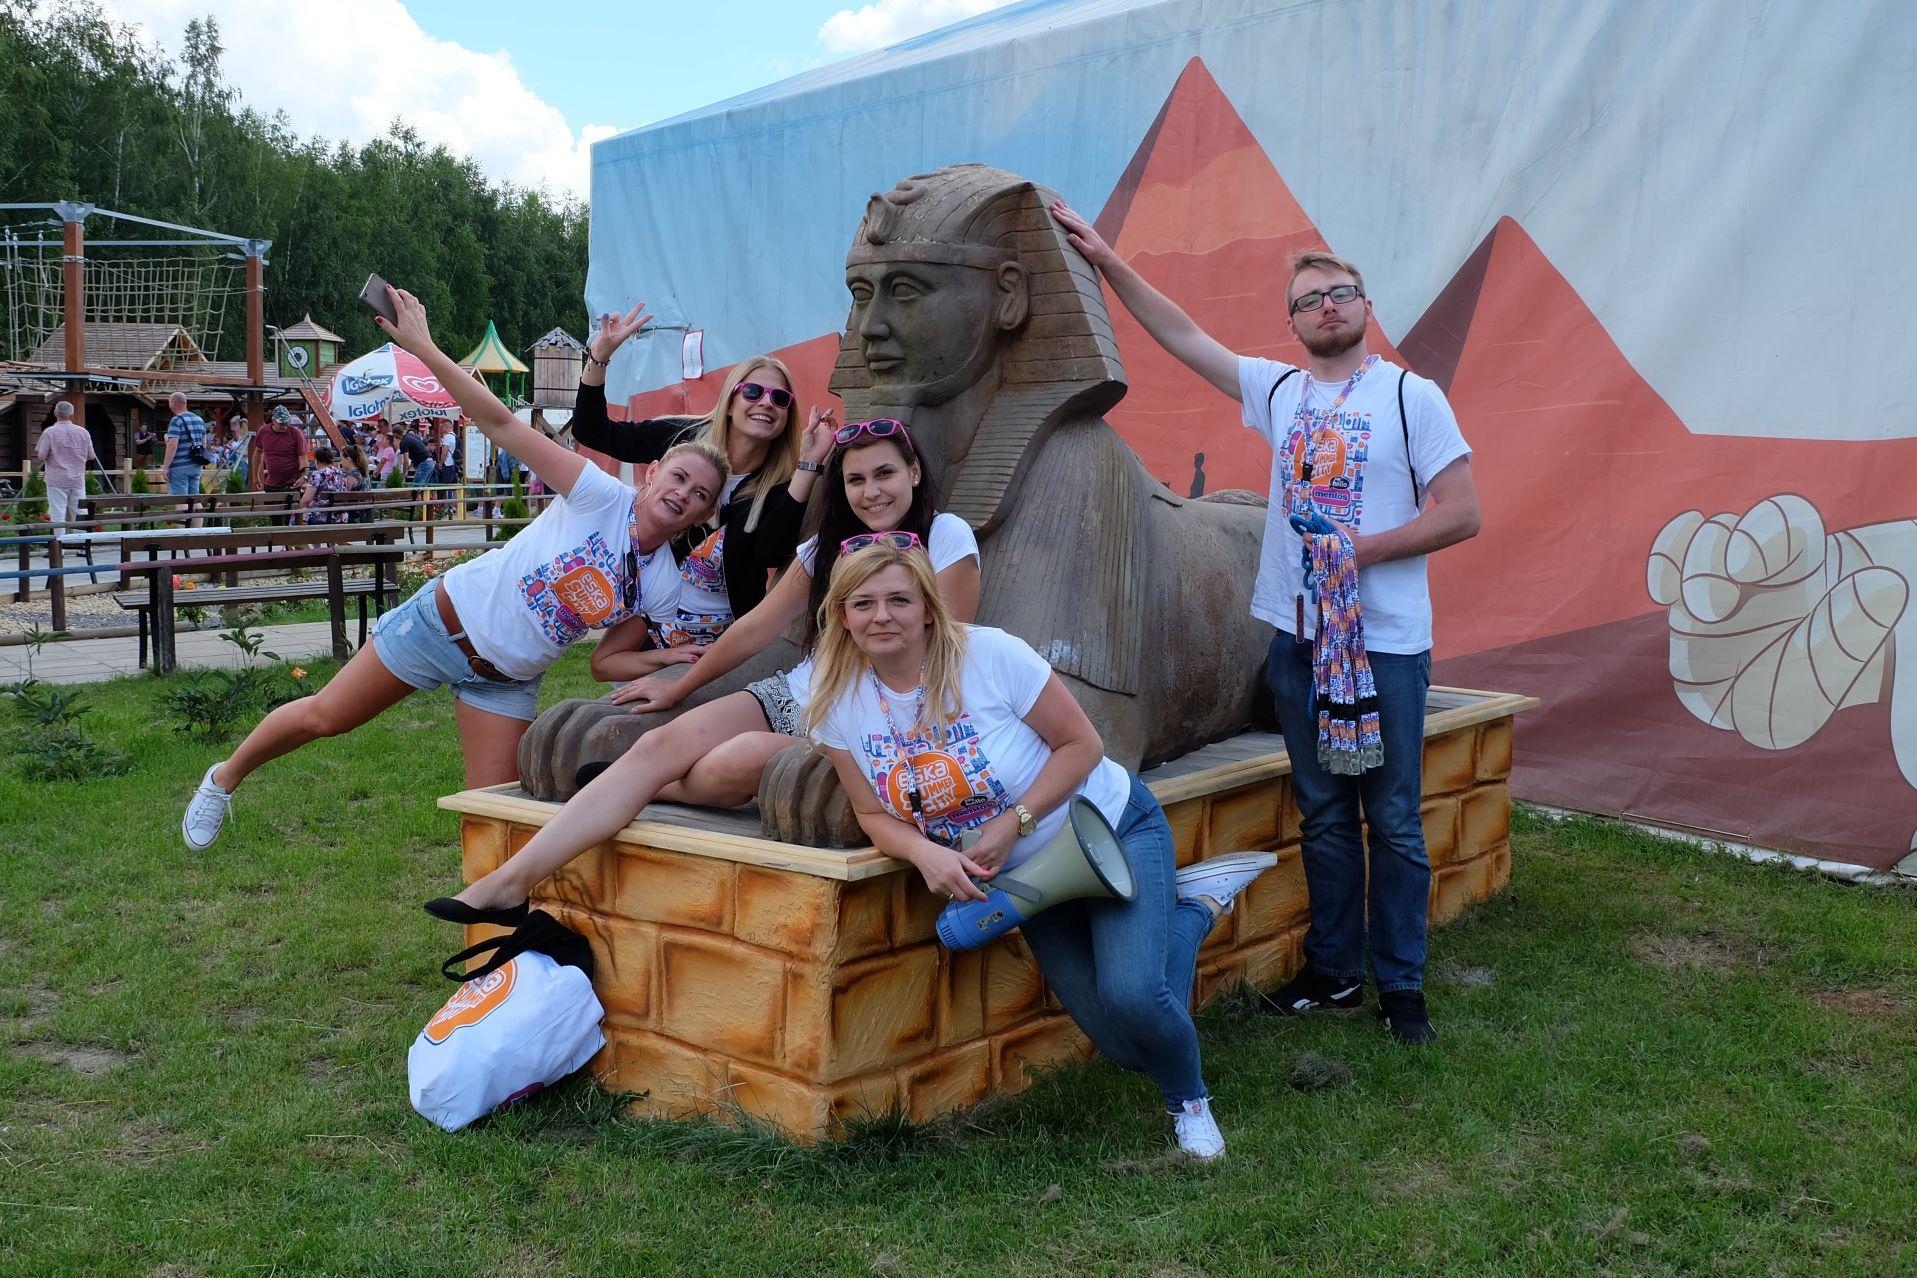 ESKA Summer City szaleje w Lublinie